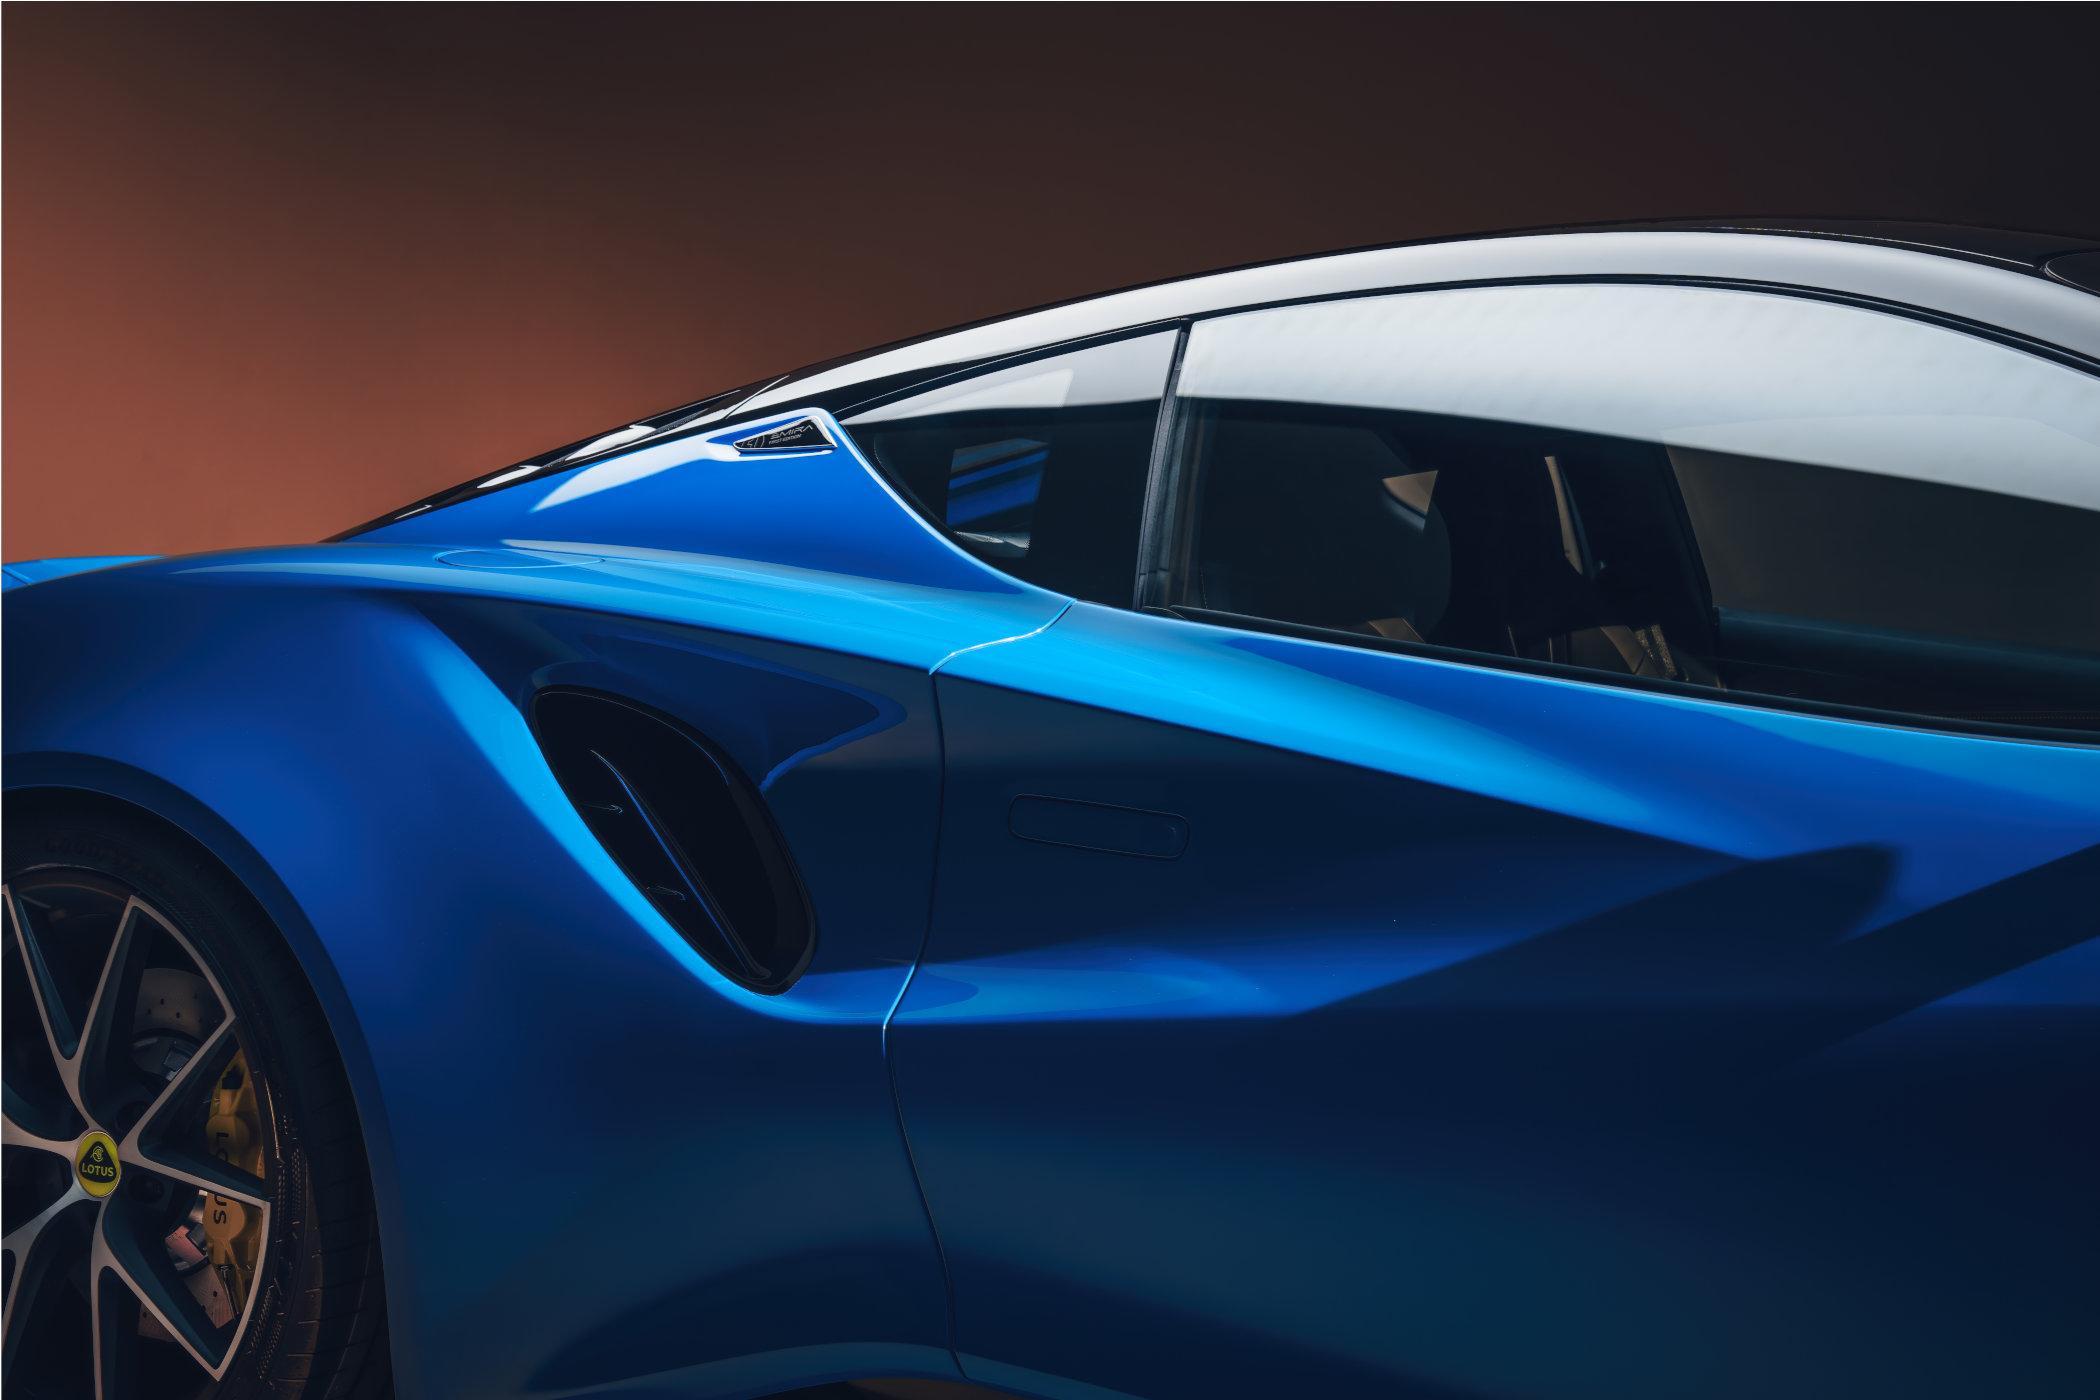 2022 Lotus Emira sportscar 6